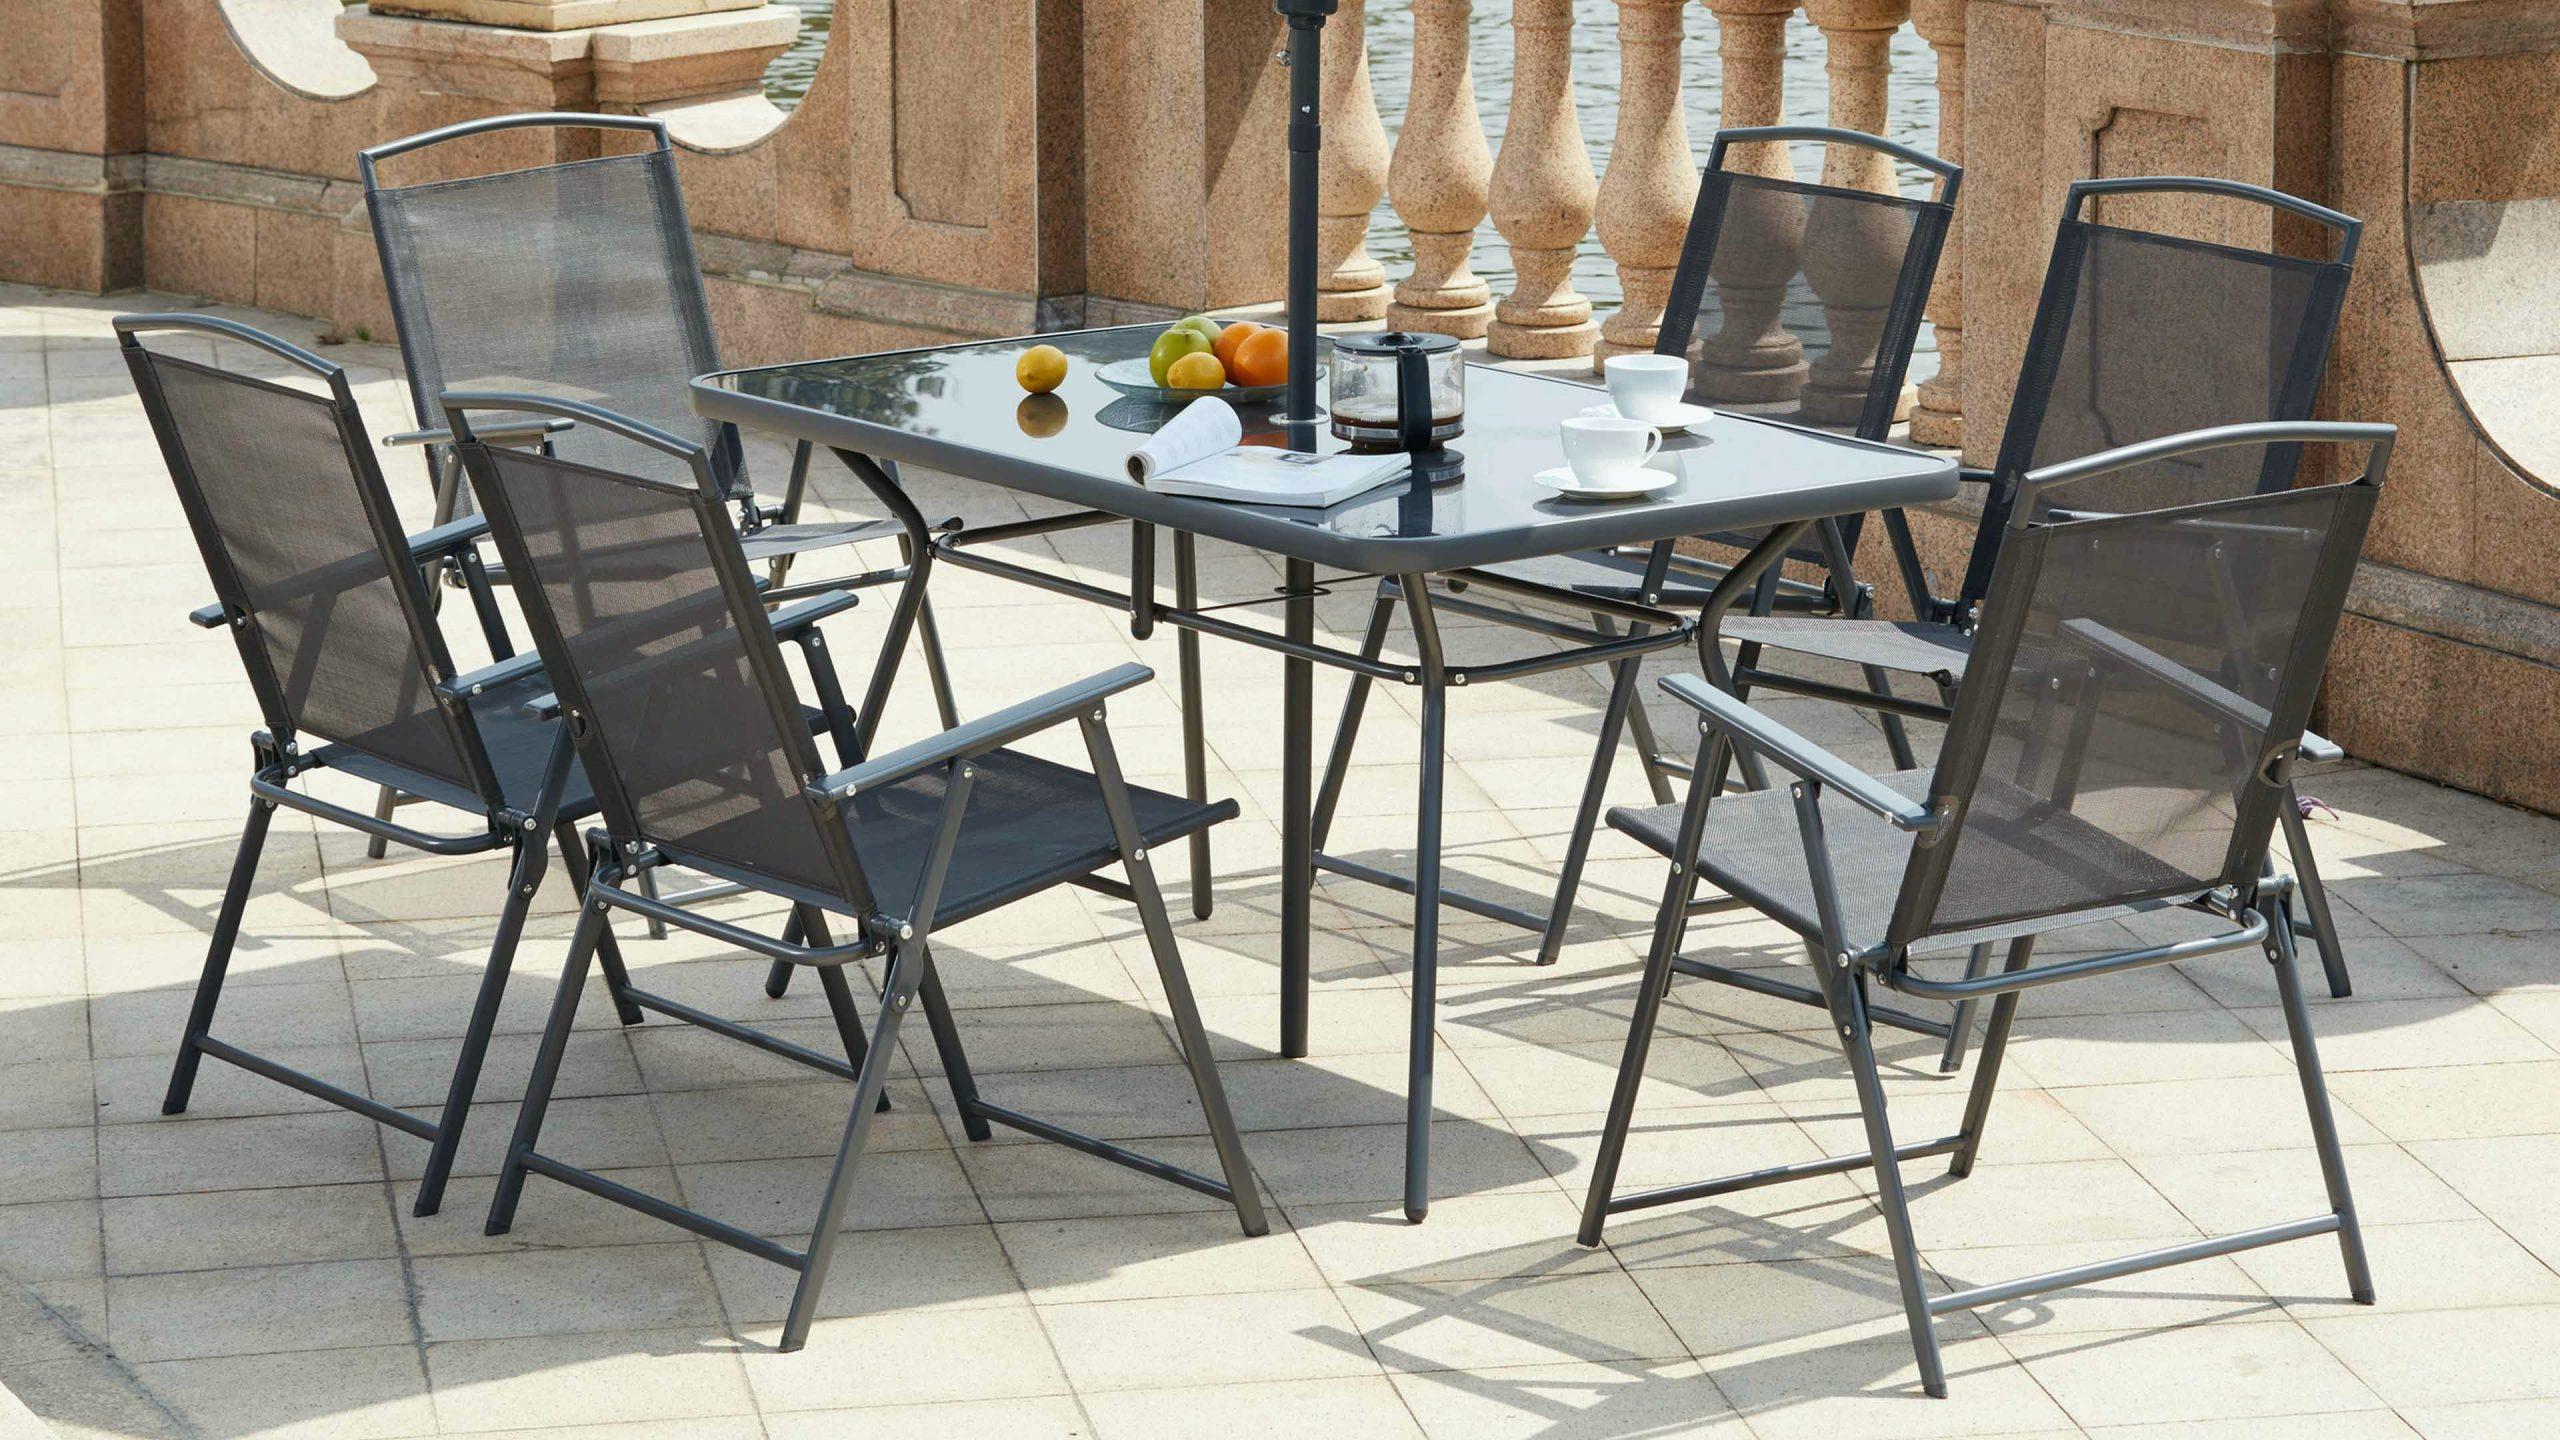 Table De Jardin Aluminium Jardiland Gnial Les Meilleur Banc ... tout Table De Jardin Aluminium Jardiland